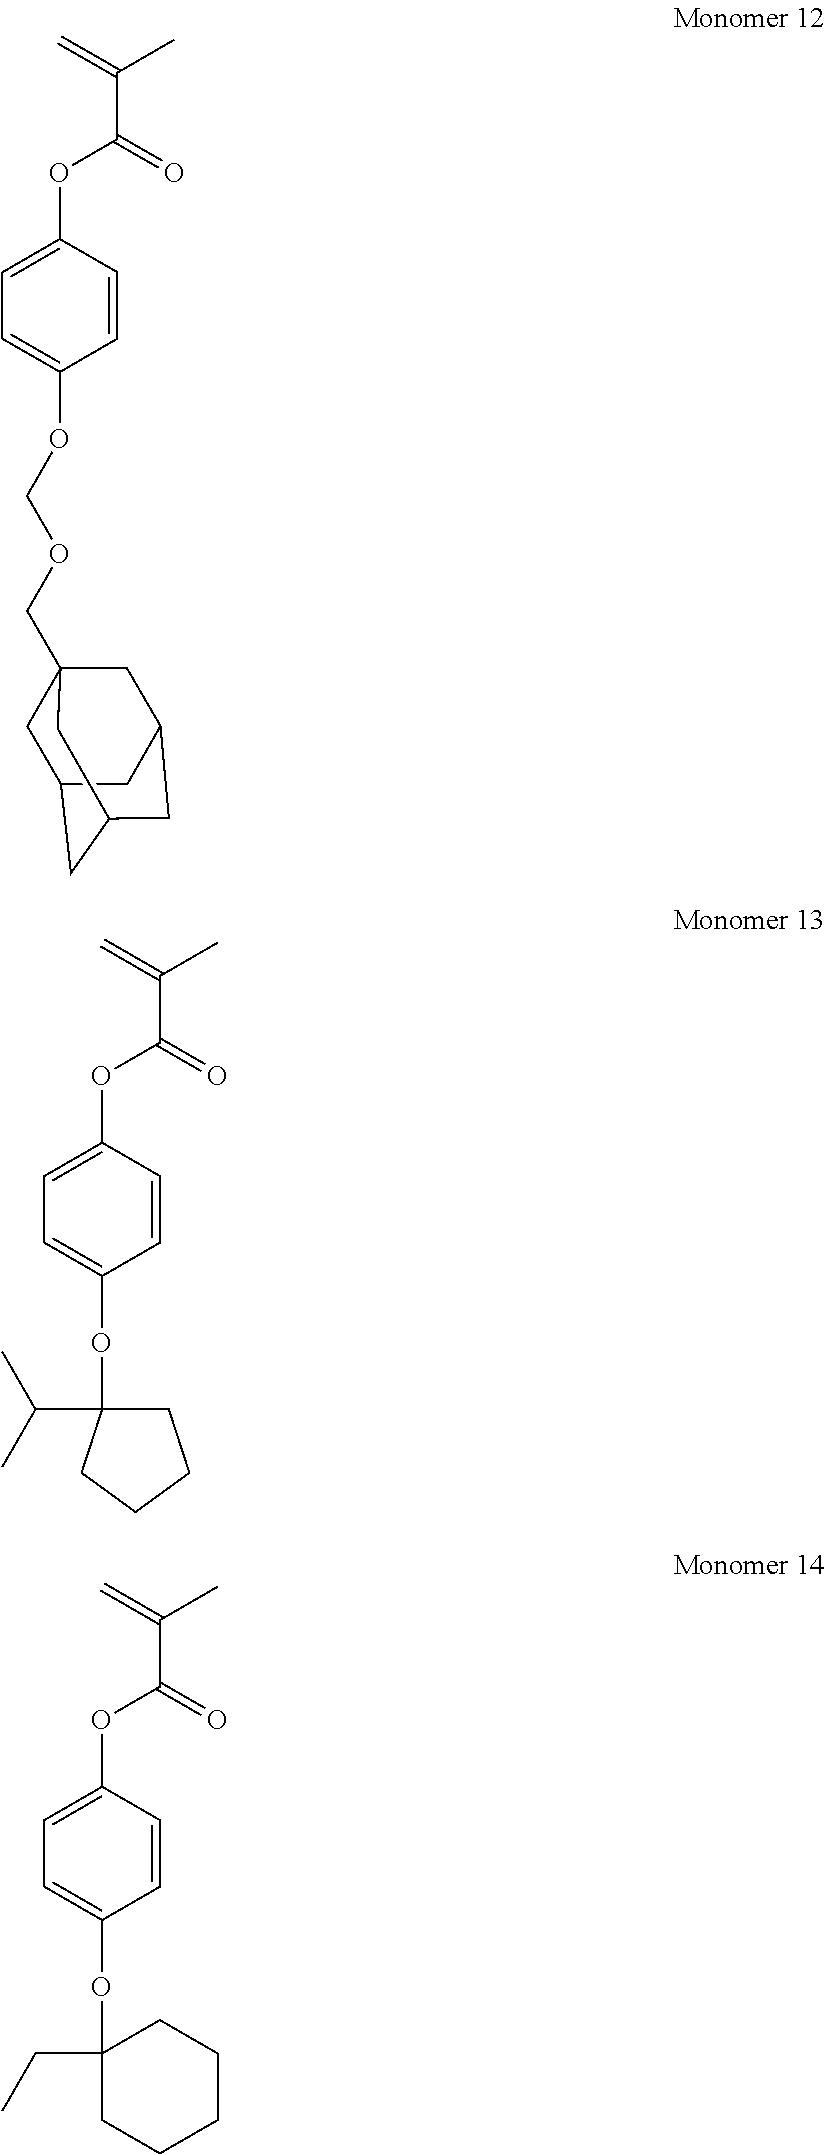 Figure US20110294070A1-20111201-C00069